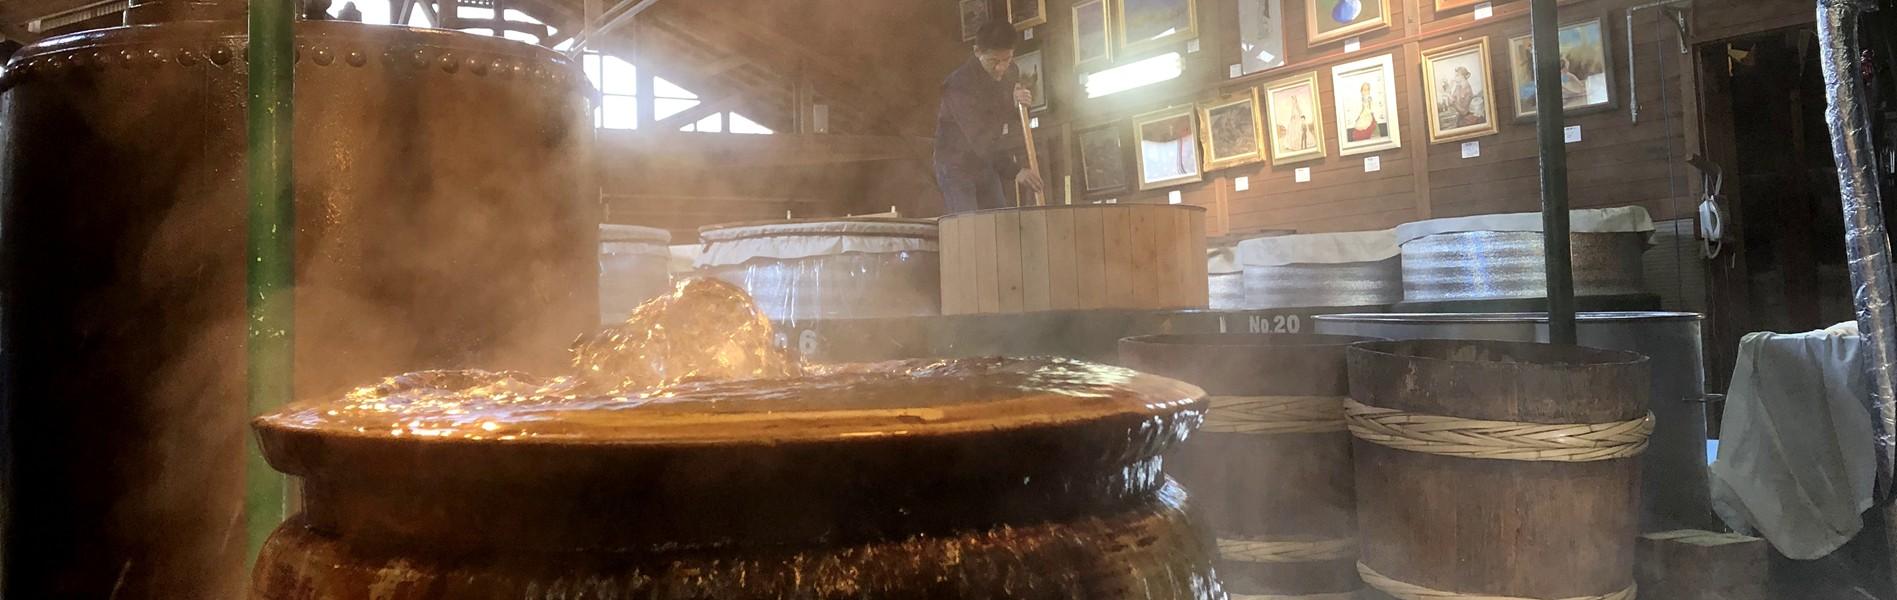 熊本県|人吉市|大和一酒造元|温泉焼酎|牛乳焼酎|玄米焼酎|球磨焼酎|米焼酎|人吉温泉|アルカリ泉